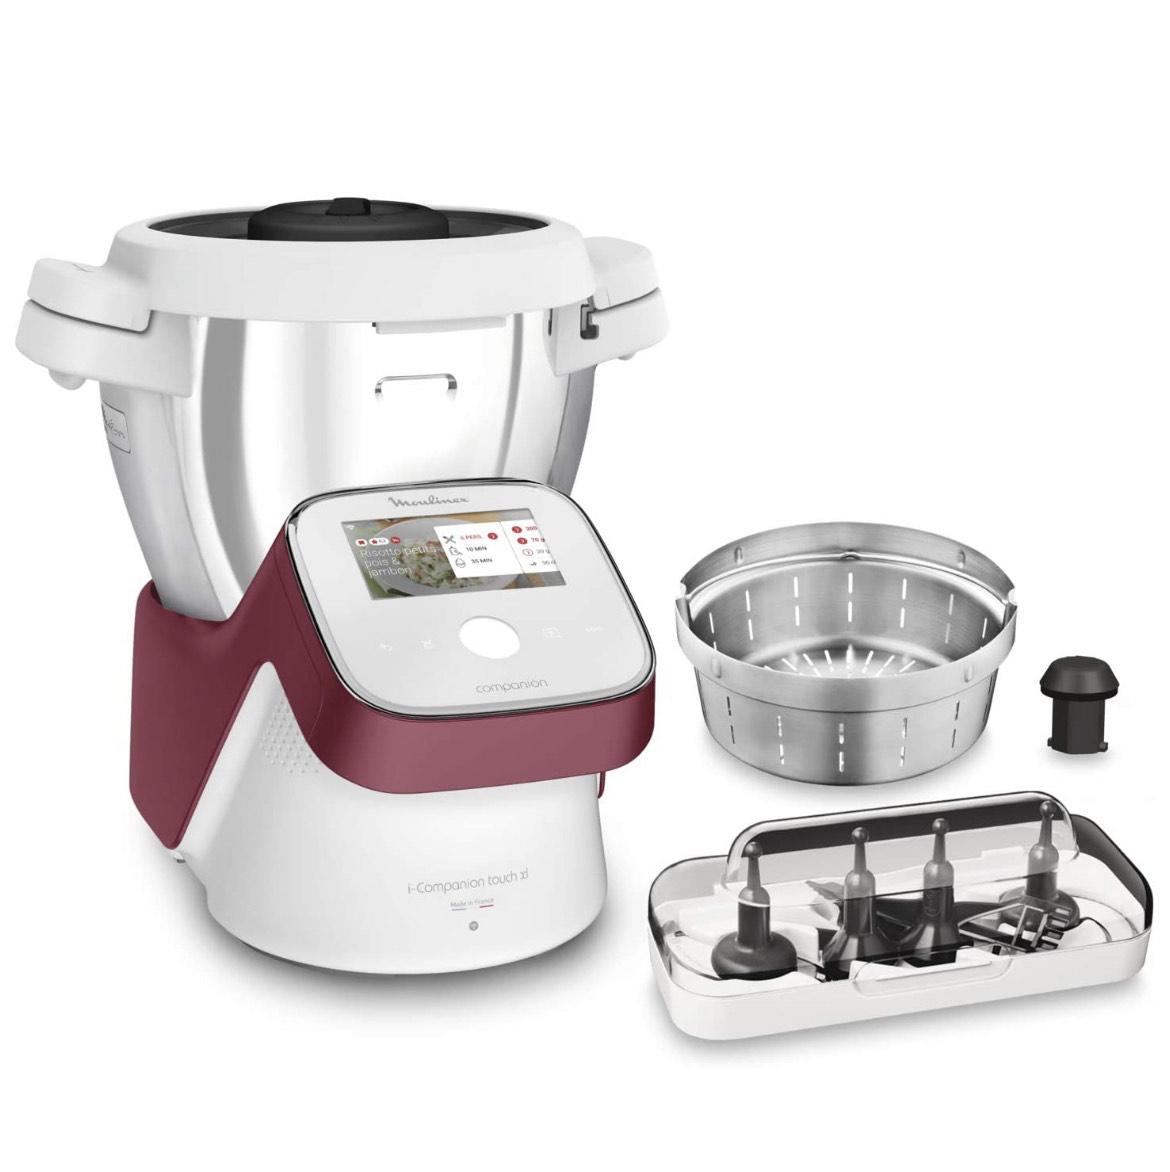 Robot Cuisine Multifonction Moulinex I-Companion Touch XL HF934510 - 10 Personnes, 14 Programmes